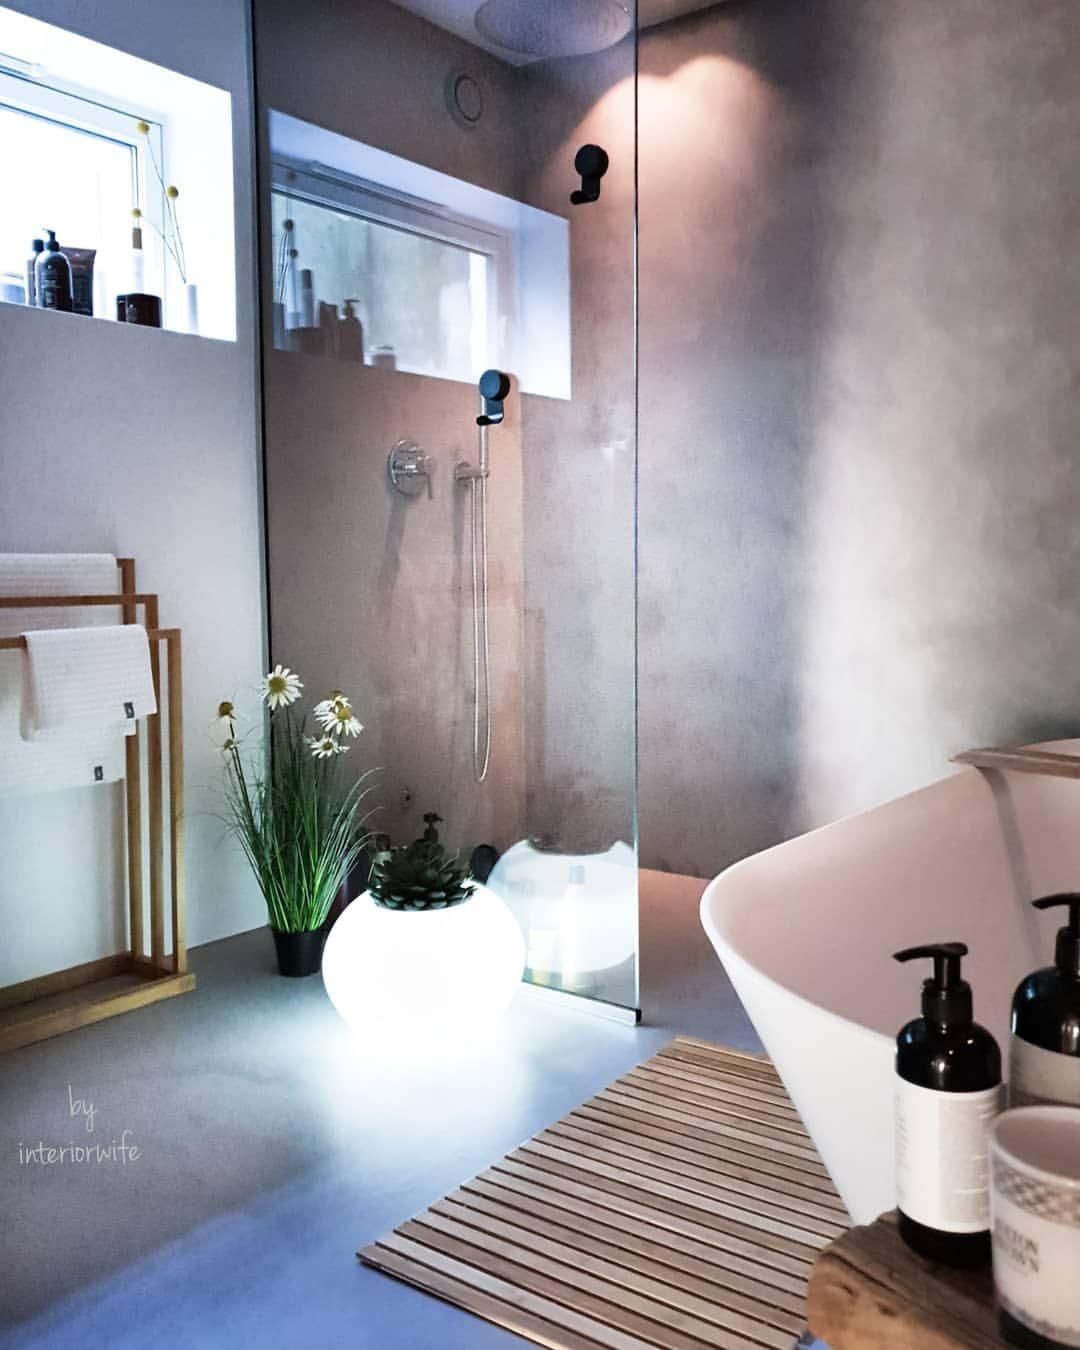 My Bathroom Bare En Kjapp Tur Innom For A Onske Dere En Fin Kveld